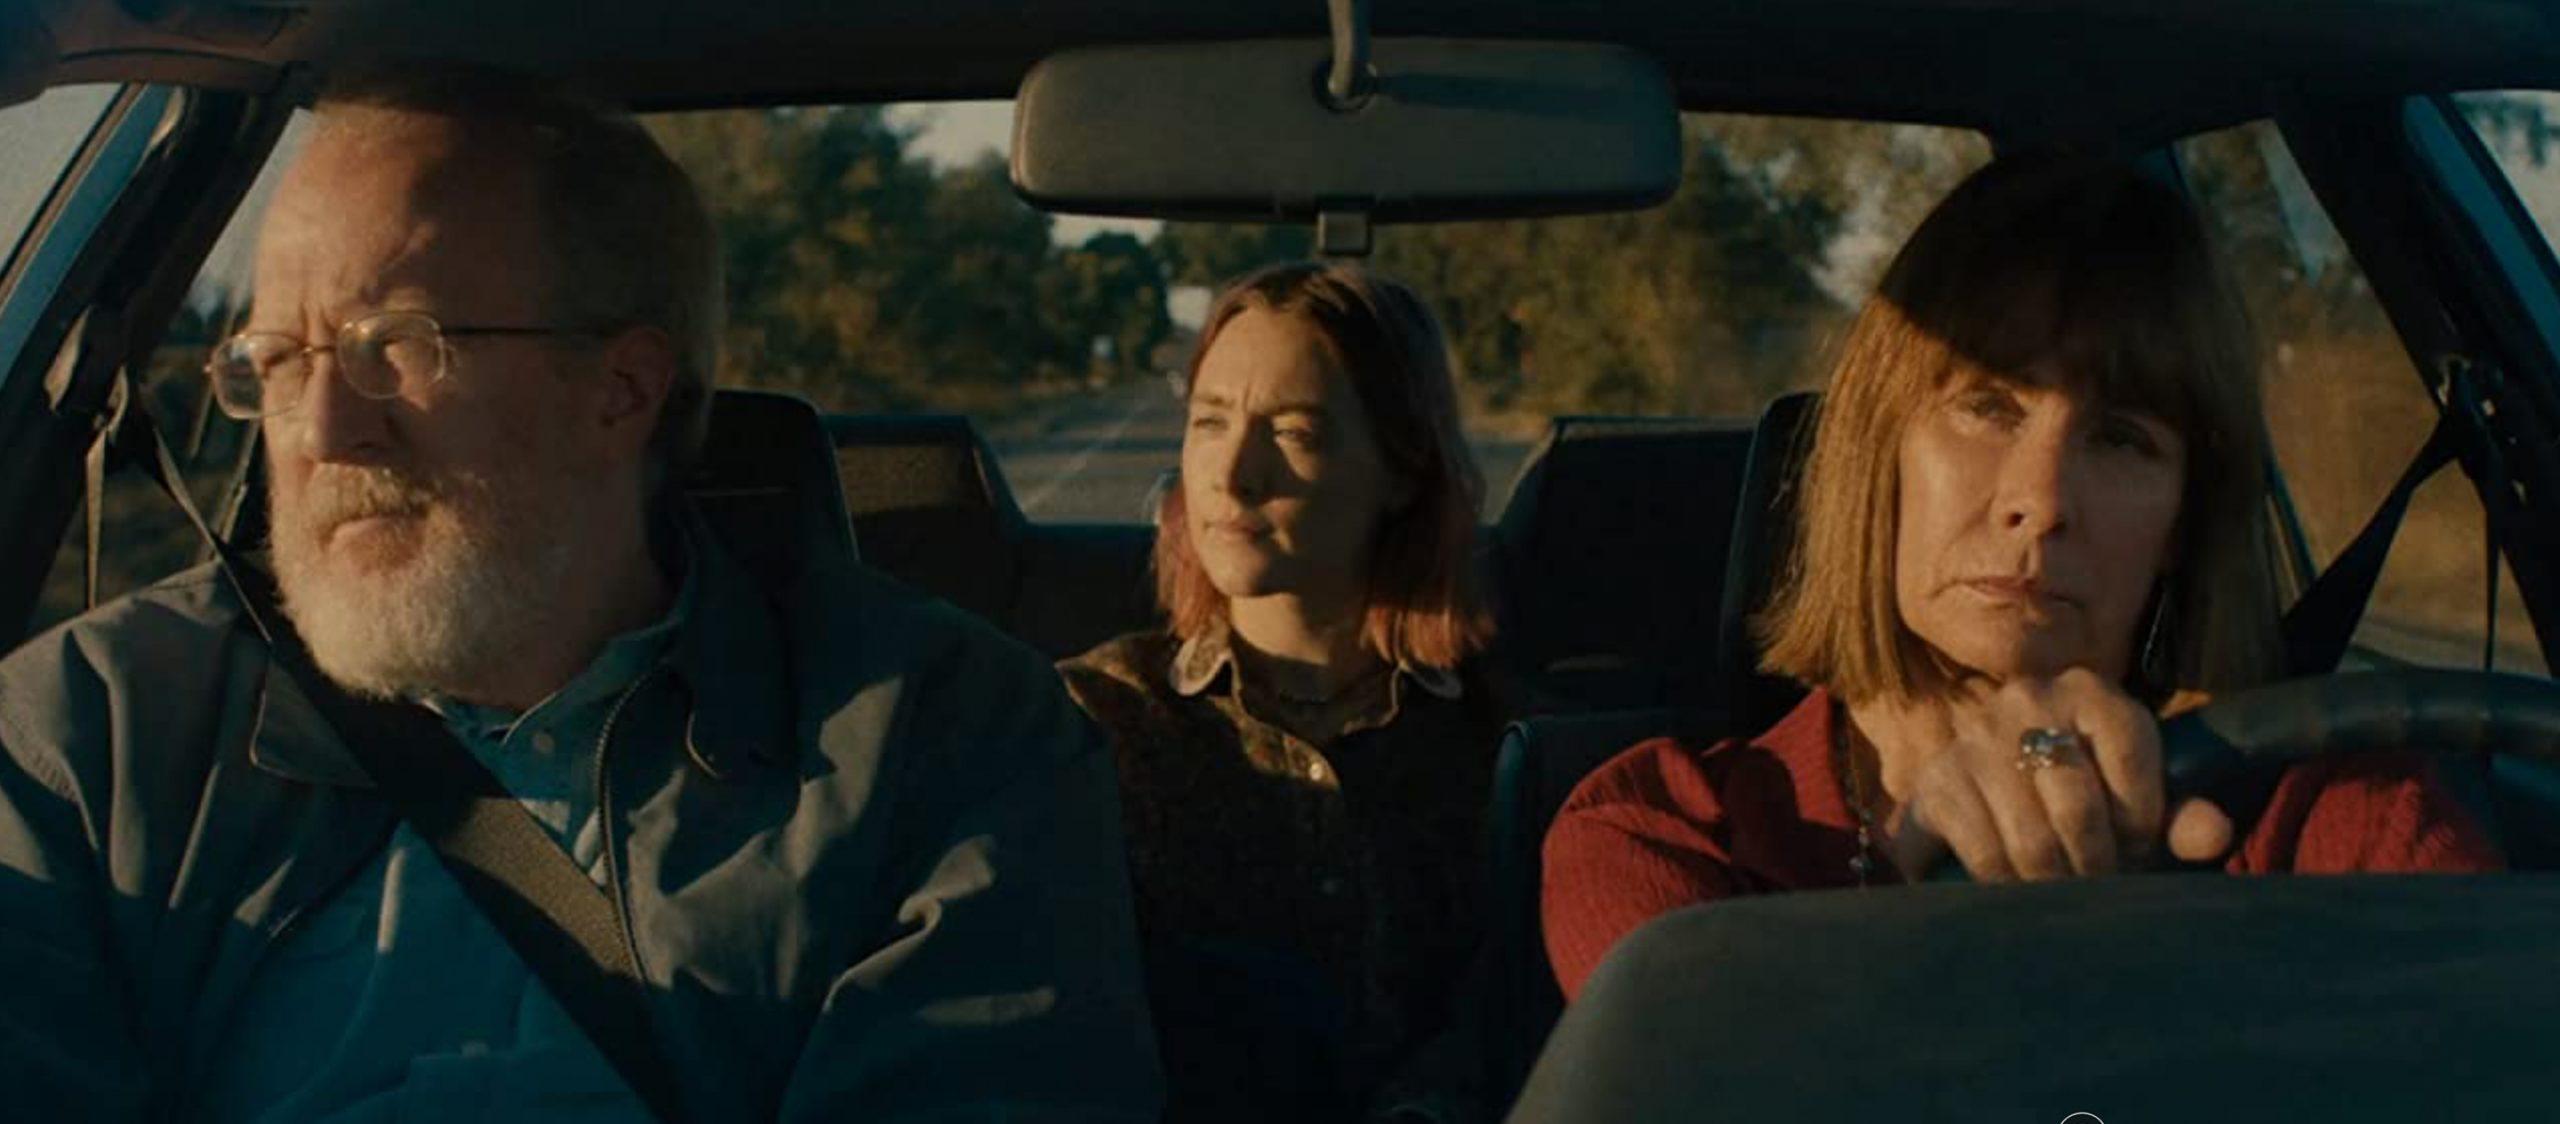 Lady Bird : ทำไมชีวิตฉันธรรมดาขนาดนี้ พระเจ้าโกรธอะไรฉันปะ